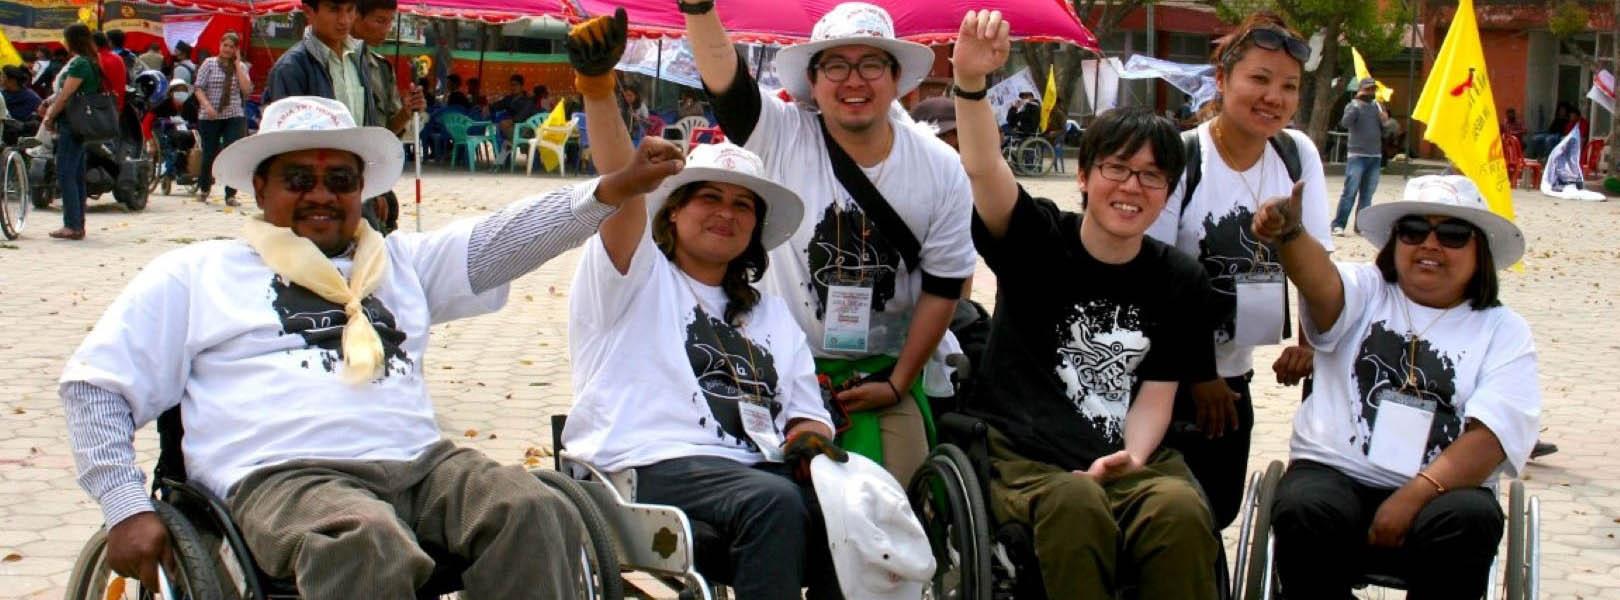 Few people in wheelchair